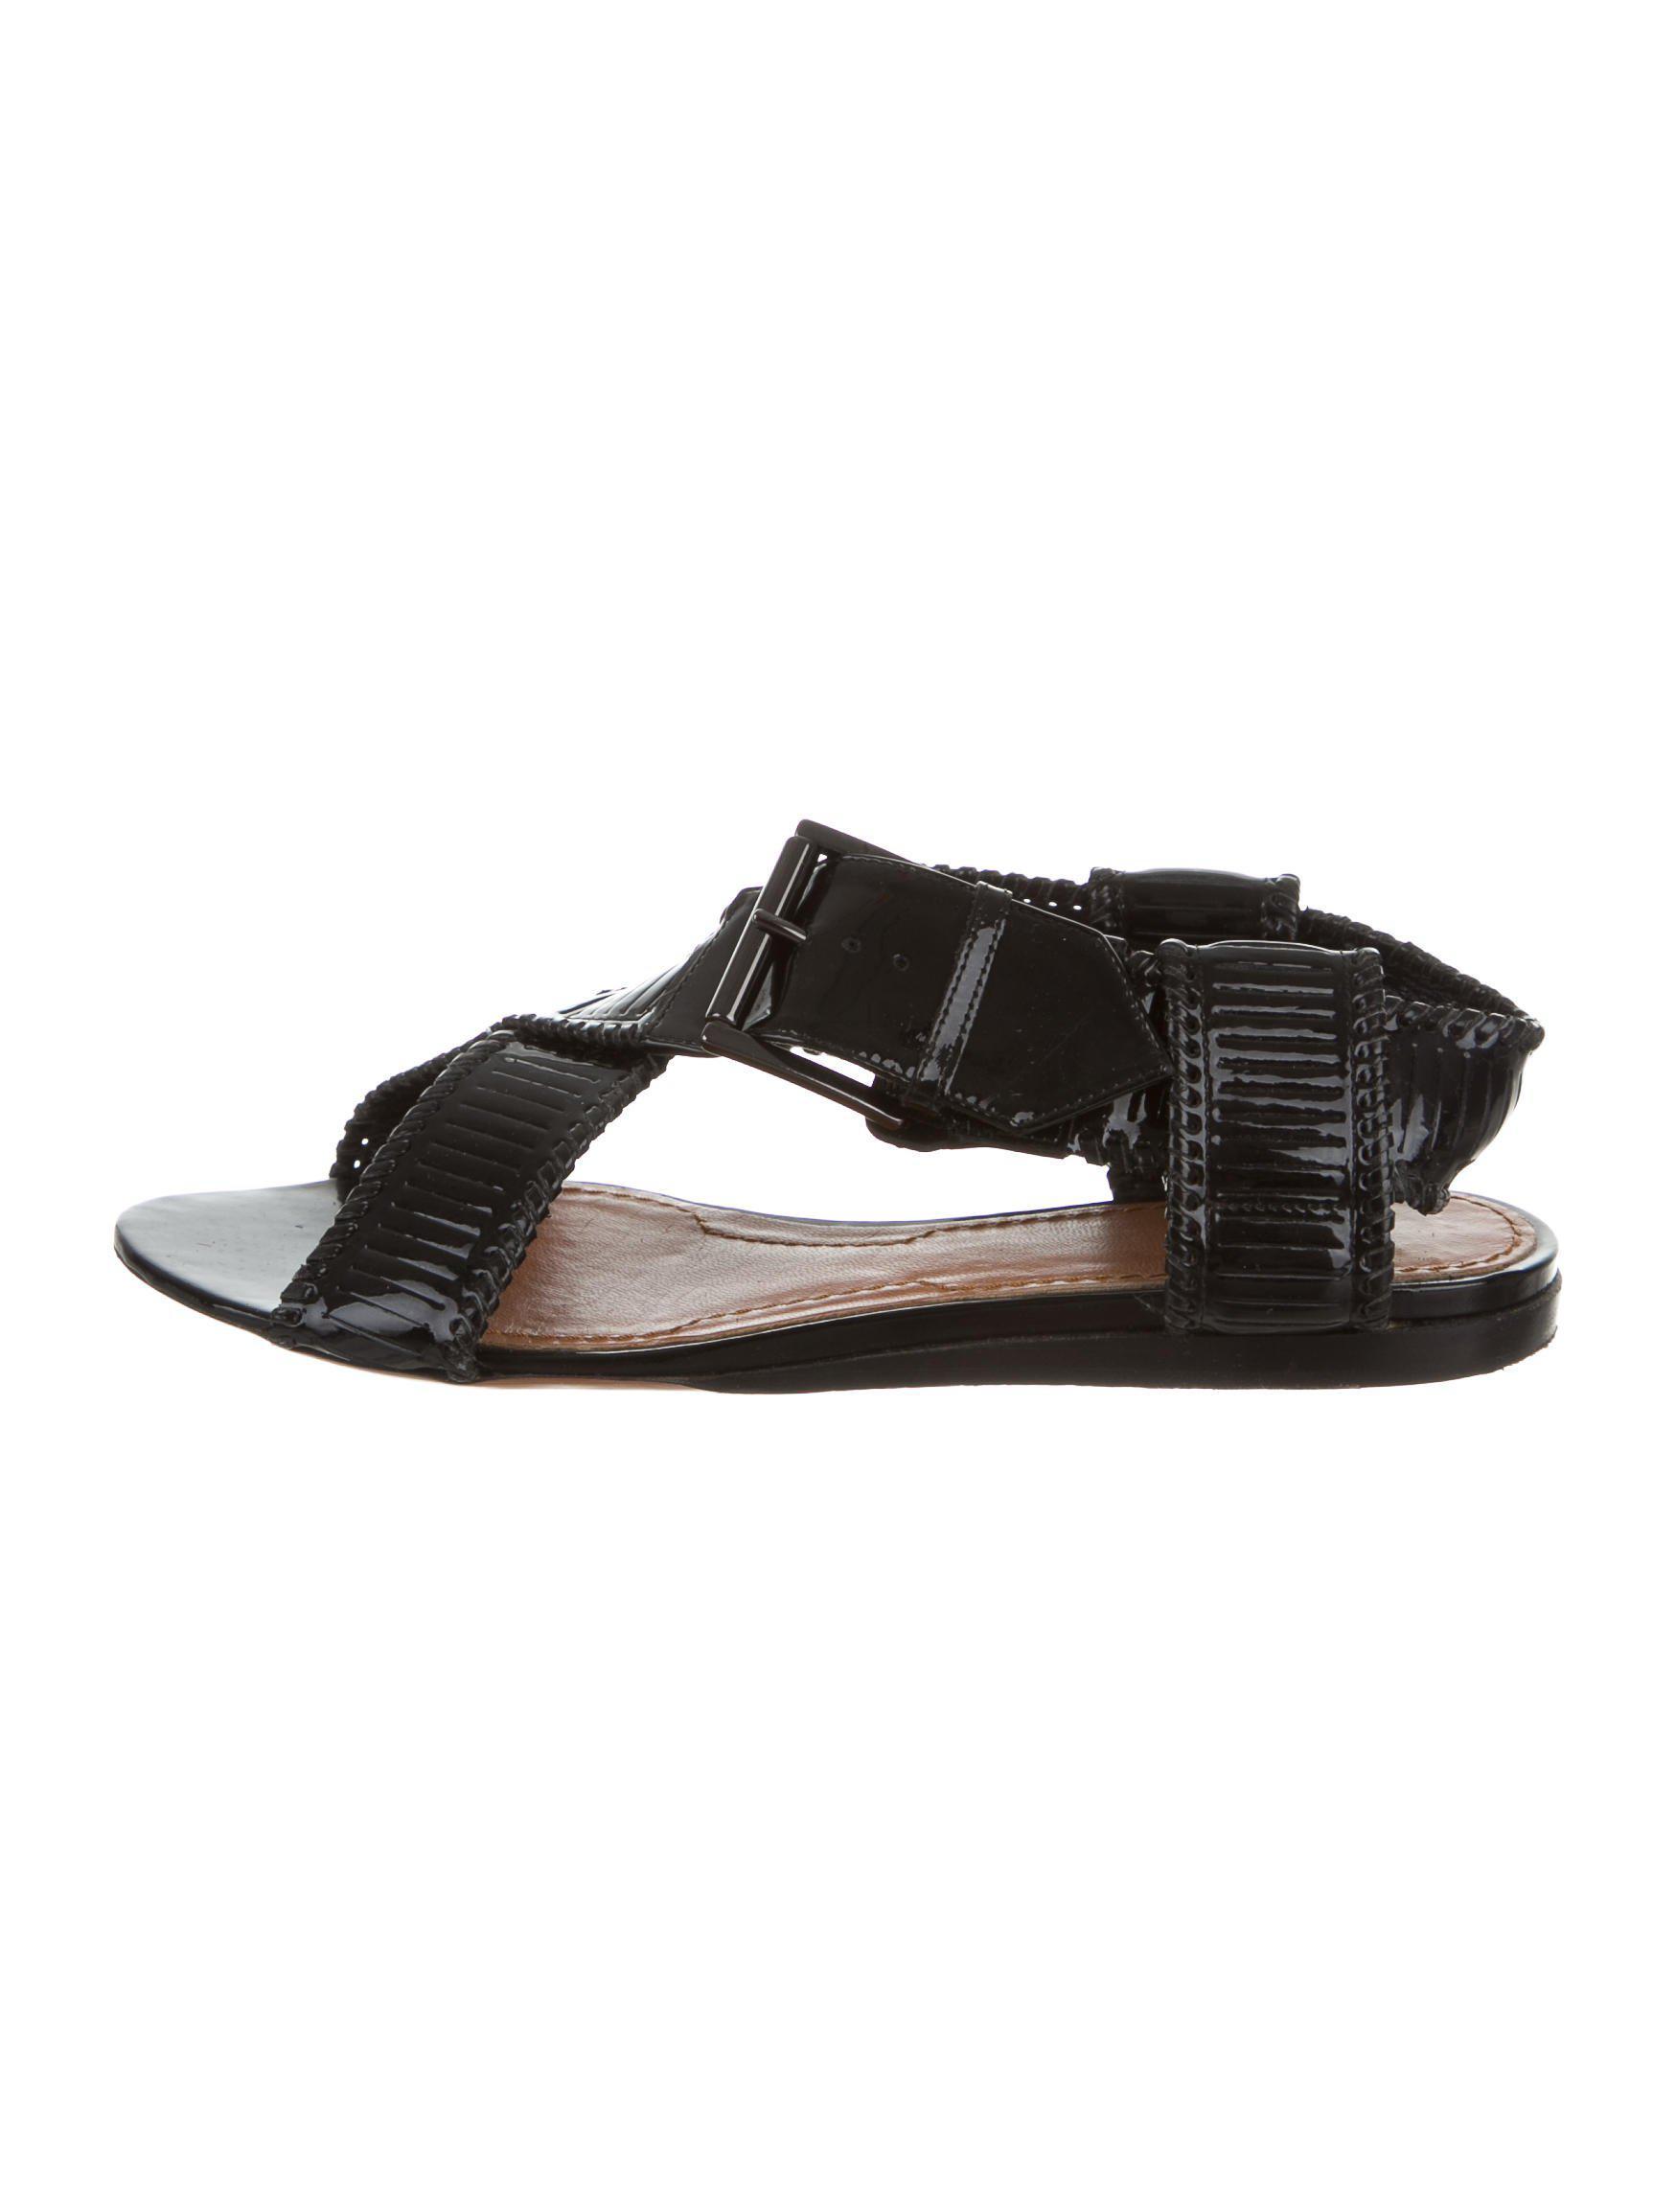 Black leather cross-over sandal Givenchy OnCio6EmAO